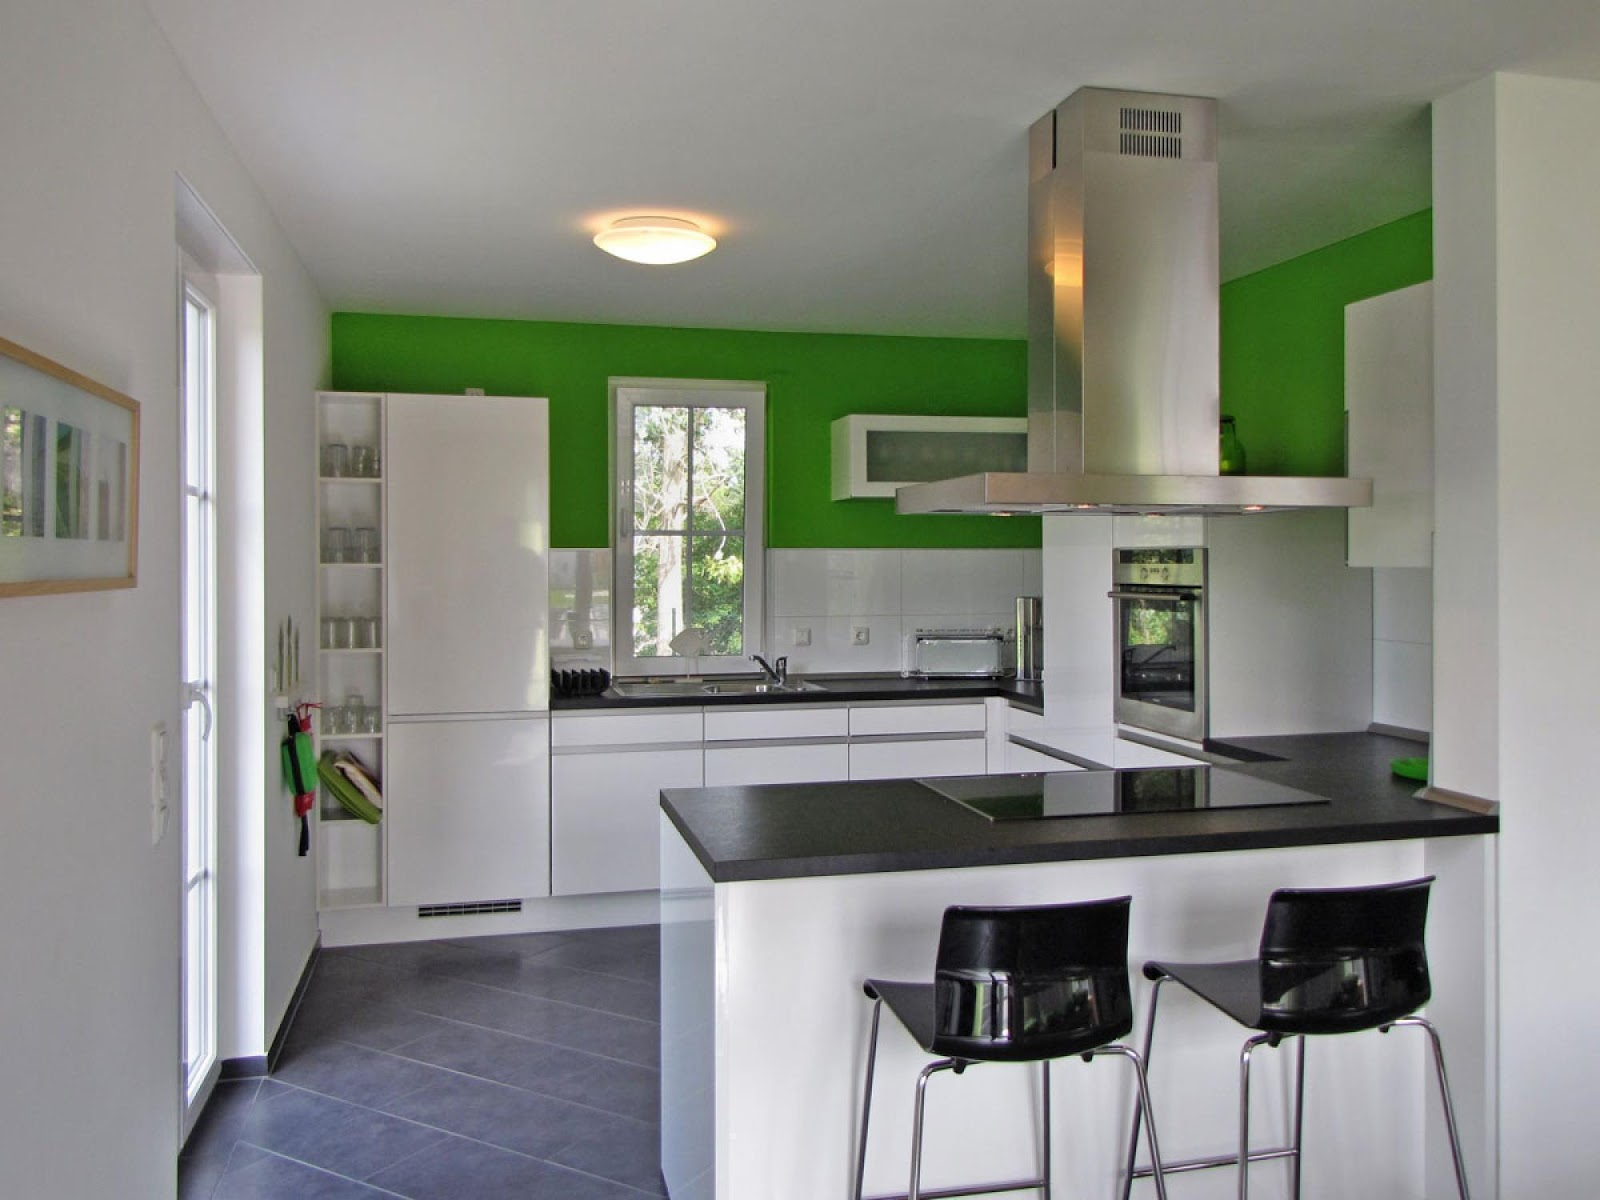 Contoh Hasil Desain Ruang Tamu Yang Menyatu Dengan Dapur Terbaik